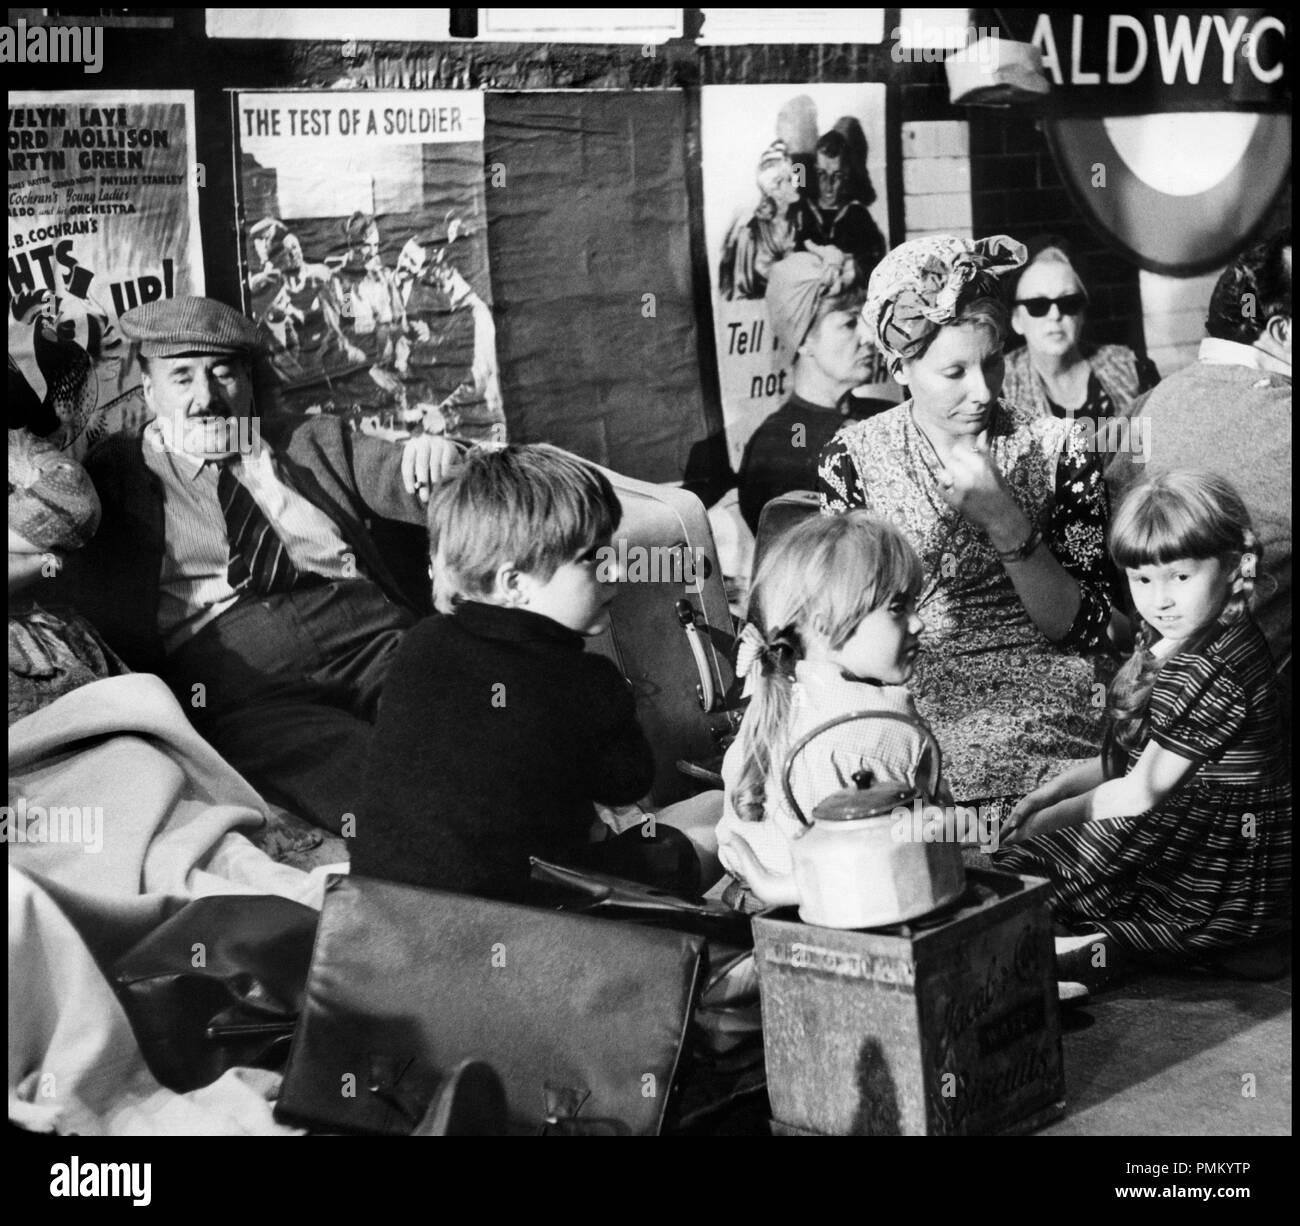 Prod DB © Spitfire / DR LA BATAILLE D'ANGLETERRE (BATTLE OF BRITAIN) de Guy Hamilton 1969 GB  WW-2, guerre 1939-45, famille, metro de londres, abri anti aerien, se cacher, famille, affiches de propagande d'apres le livre The Narrow Margin de Derek Wood et Derek Dempster - Stock Image